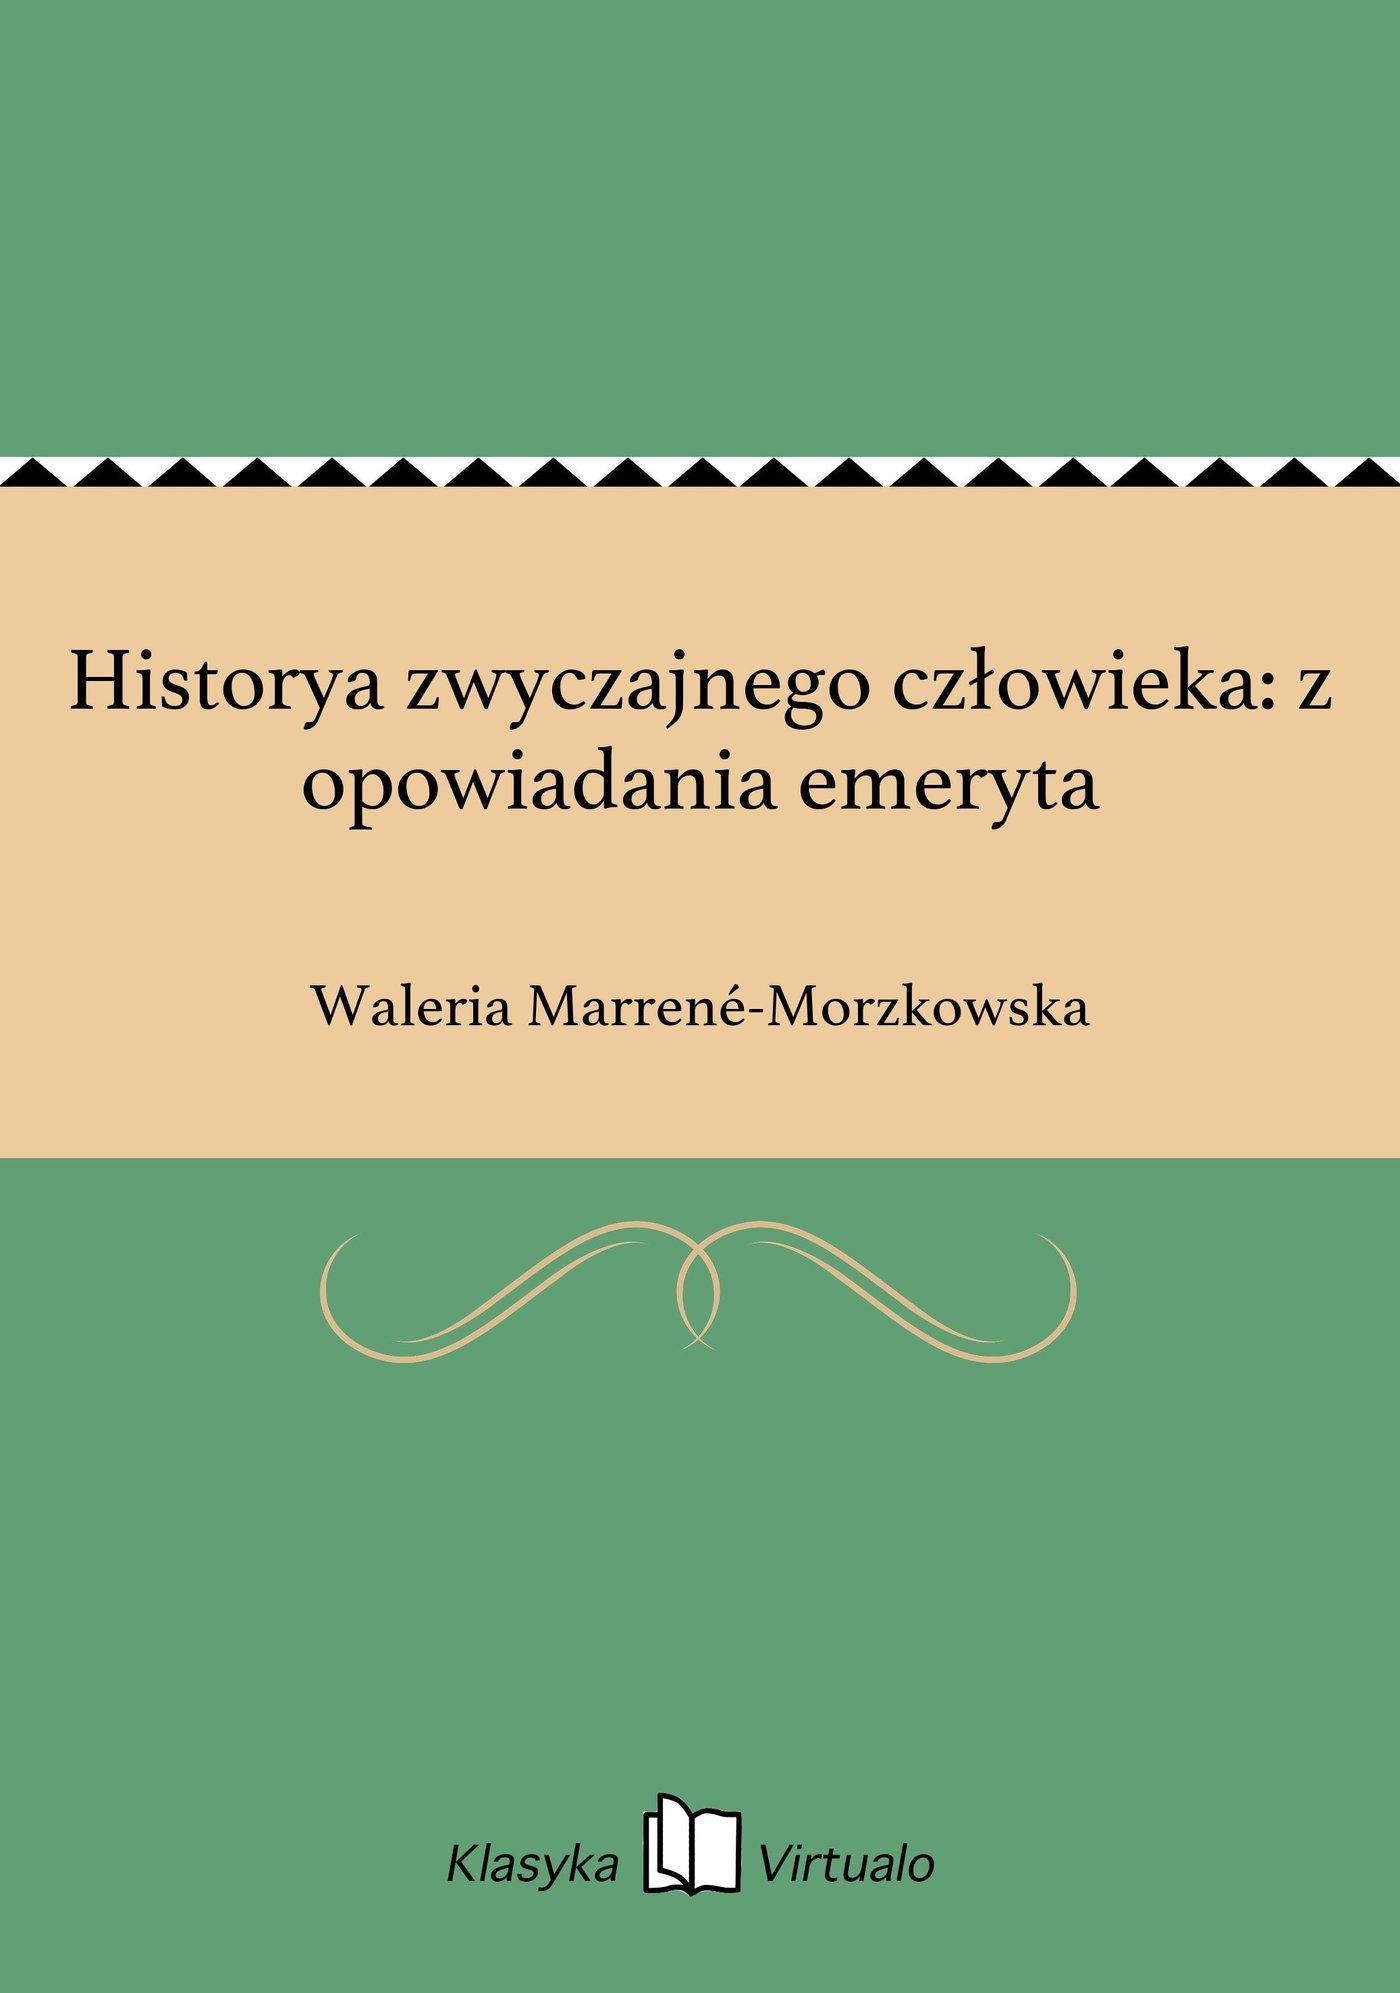 Historya zwyczajnego człowieka: z opowiadania emeryta - Ebook (Książka EPUB) do pobrania w formacie EPUB